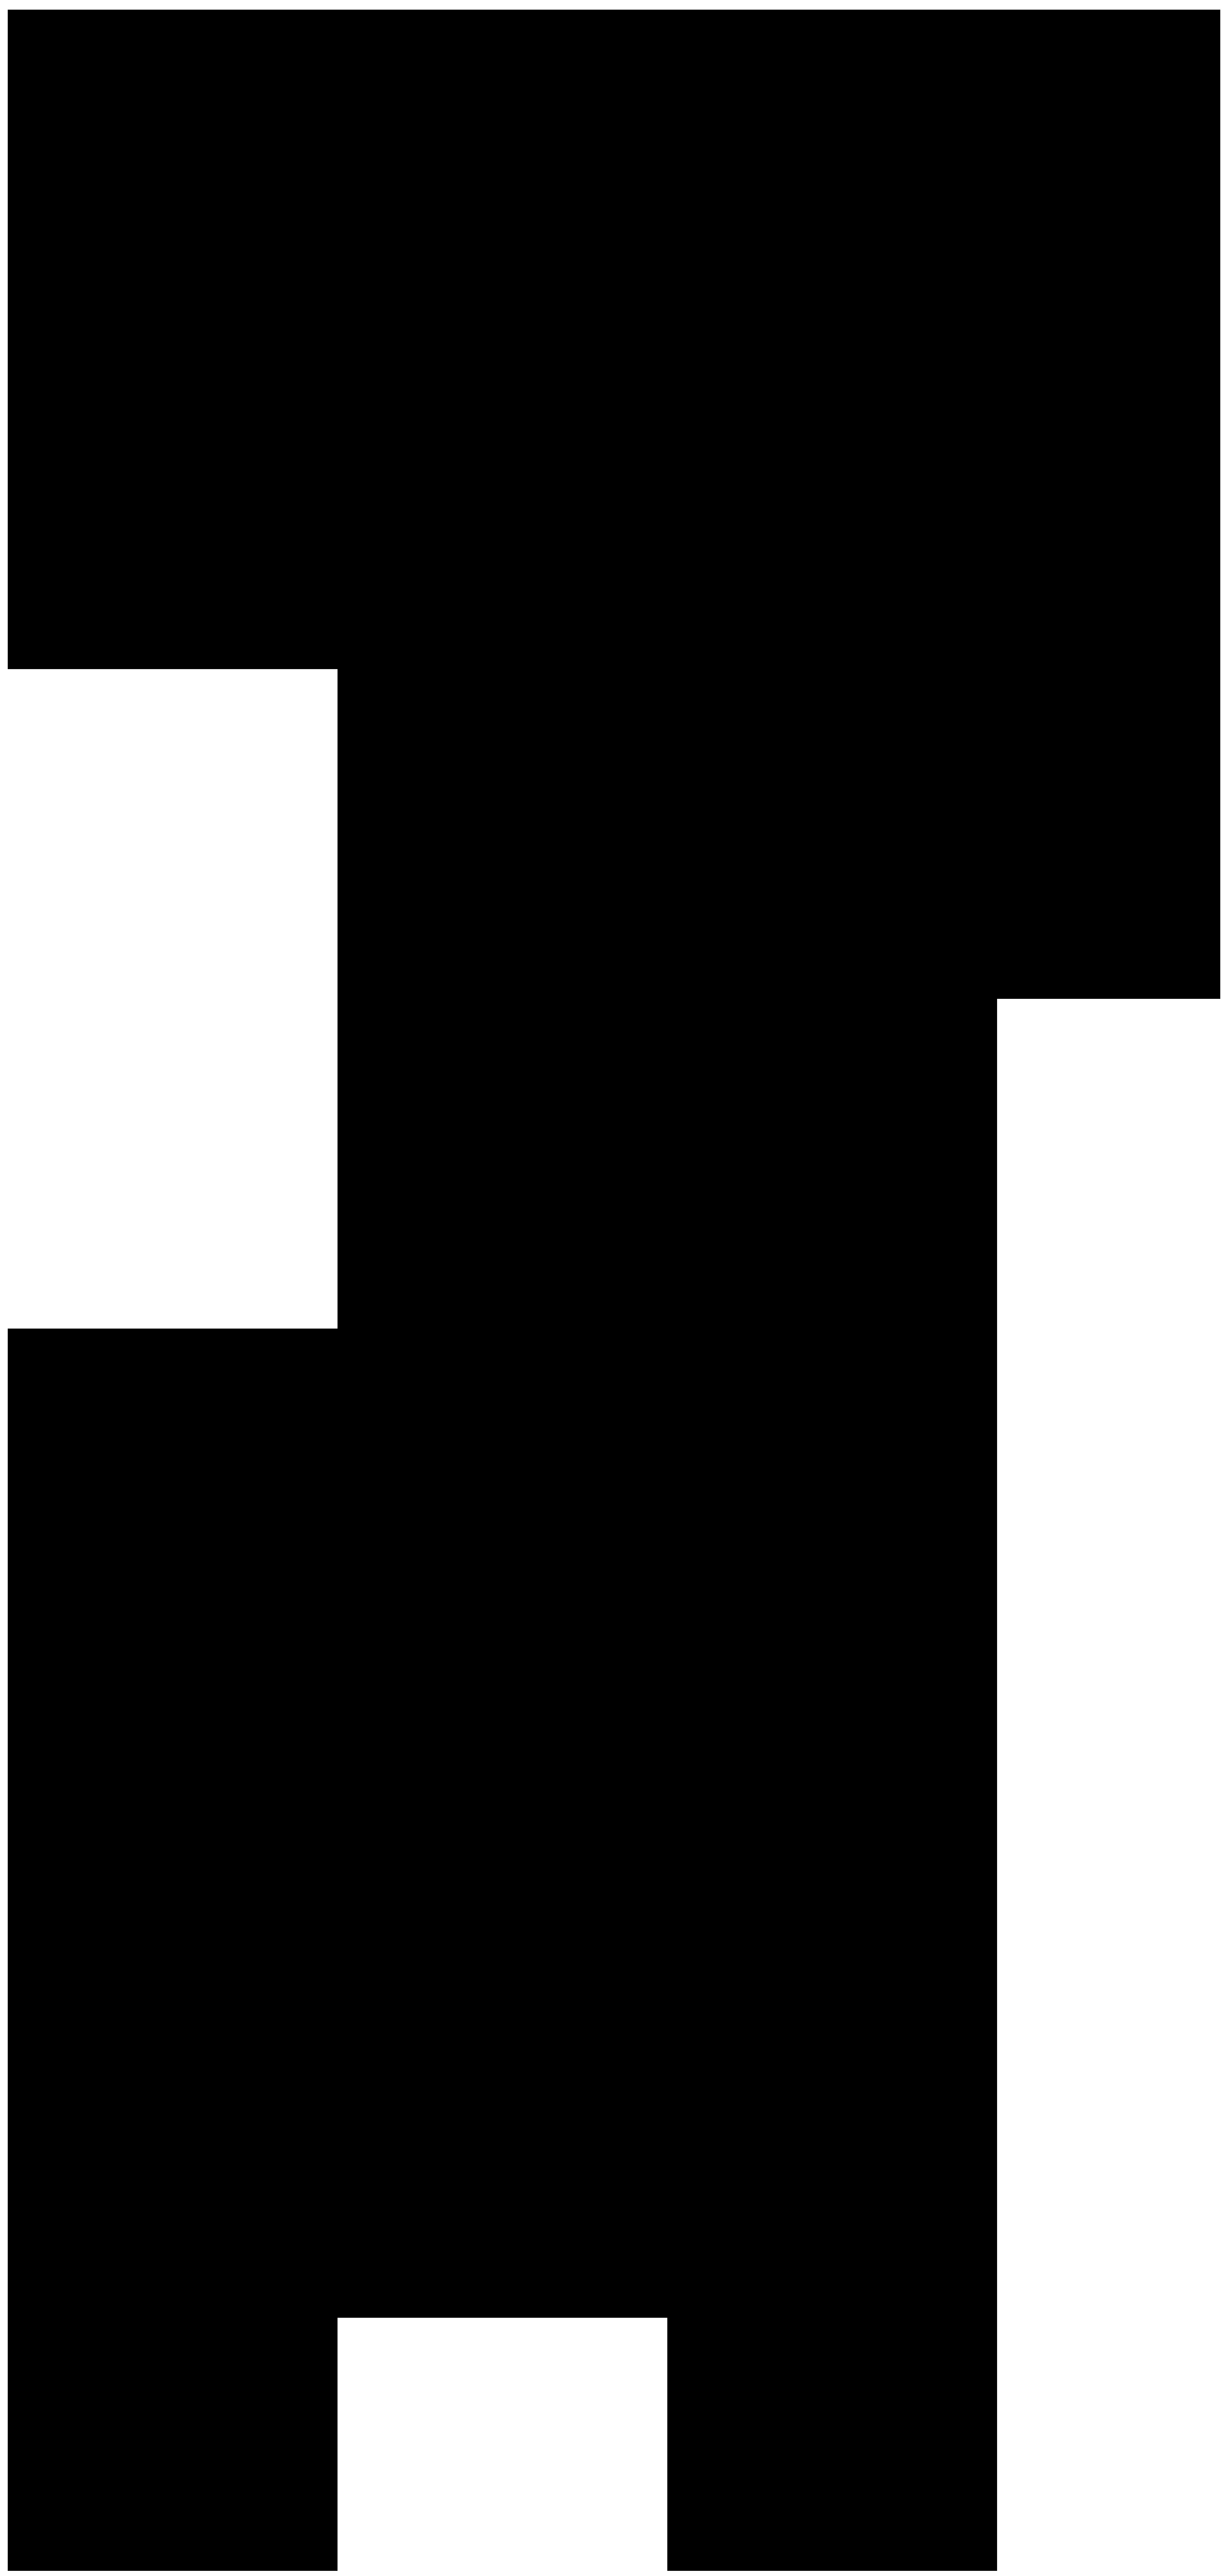 Girl with dumbbells silhouette. White clipart dumbbell